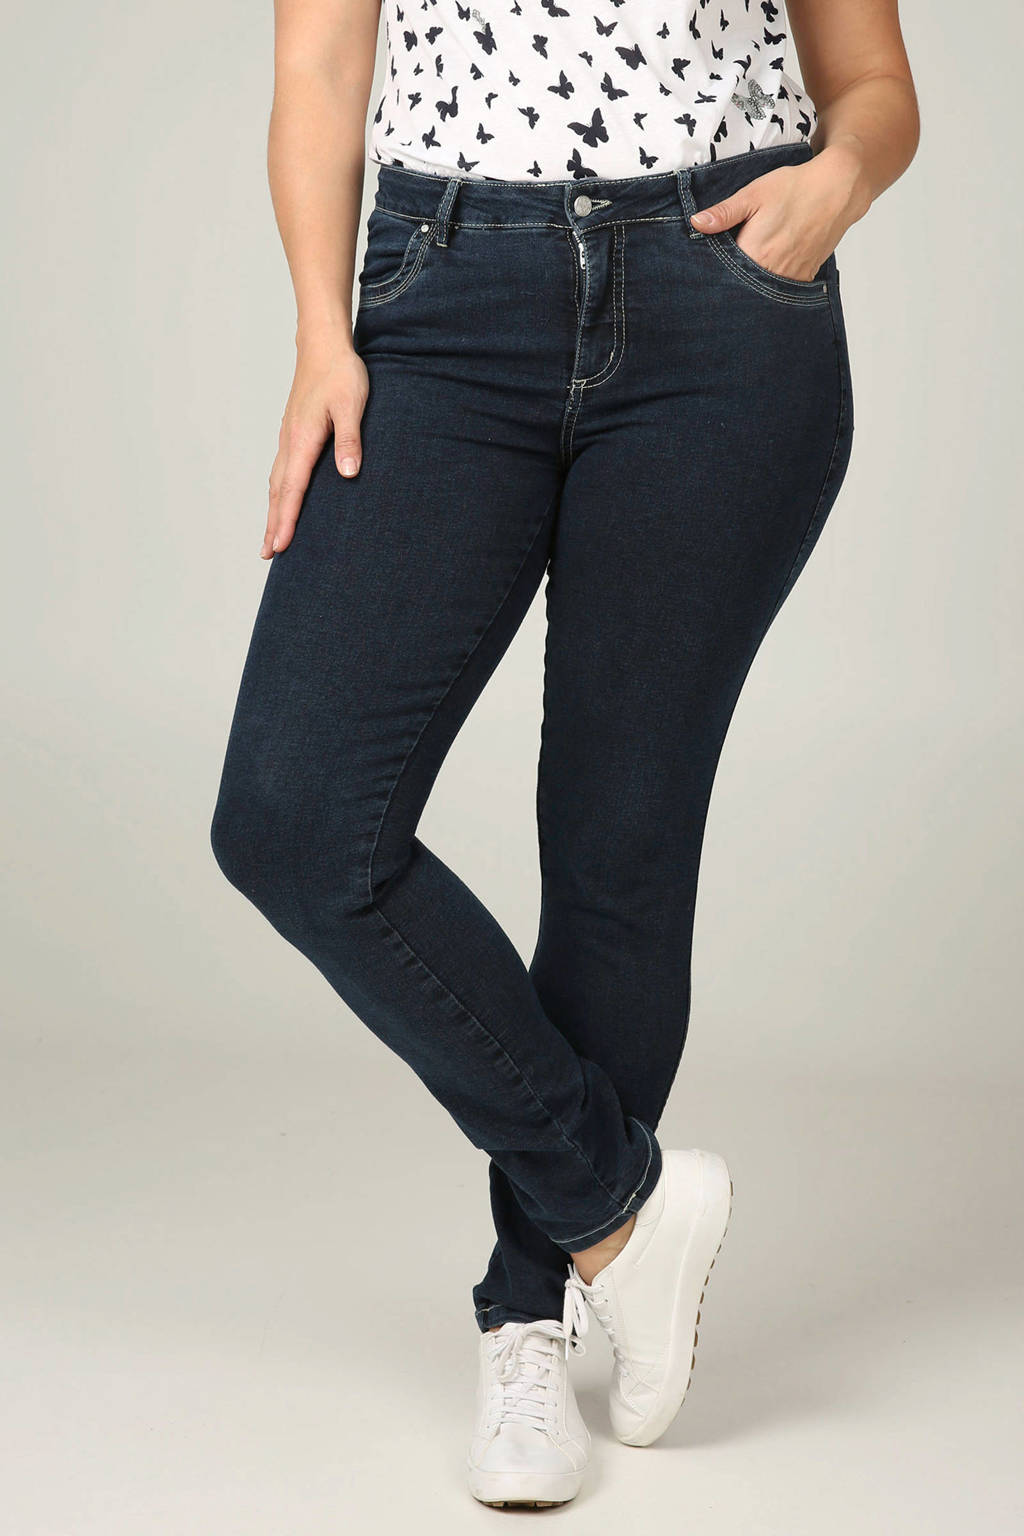 Paprika slim fit jeans denim, Denim